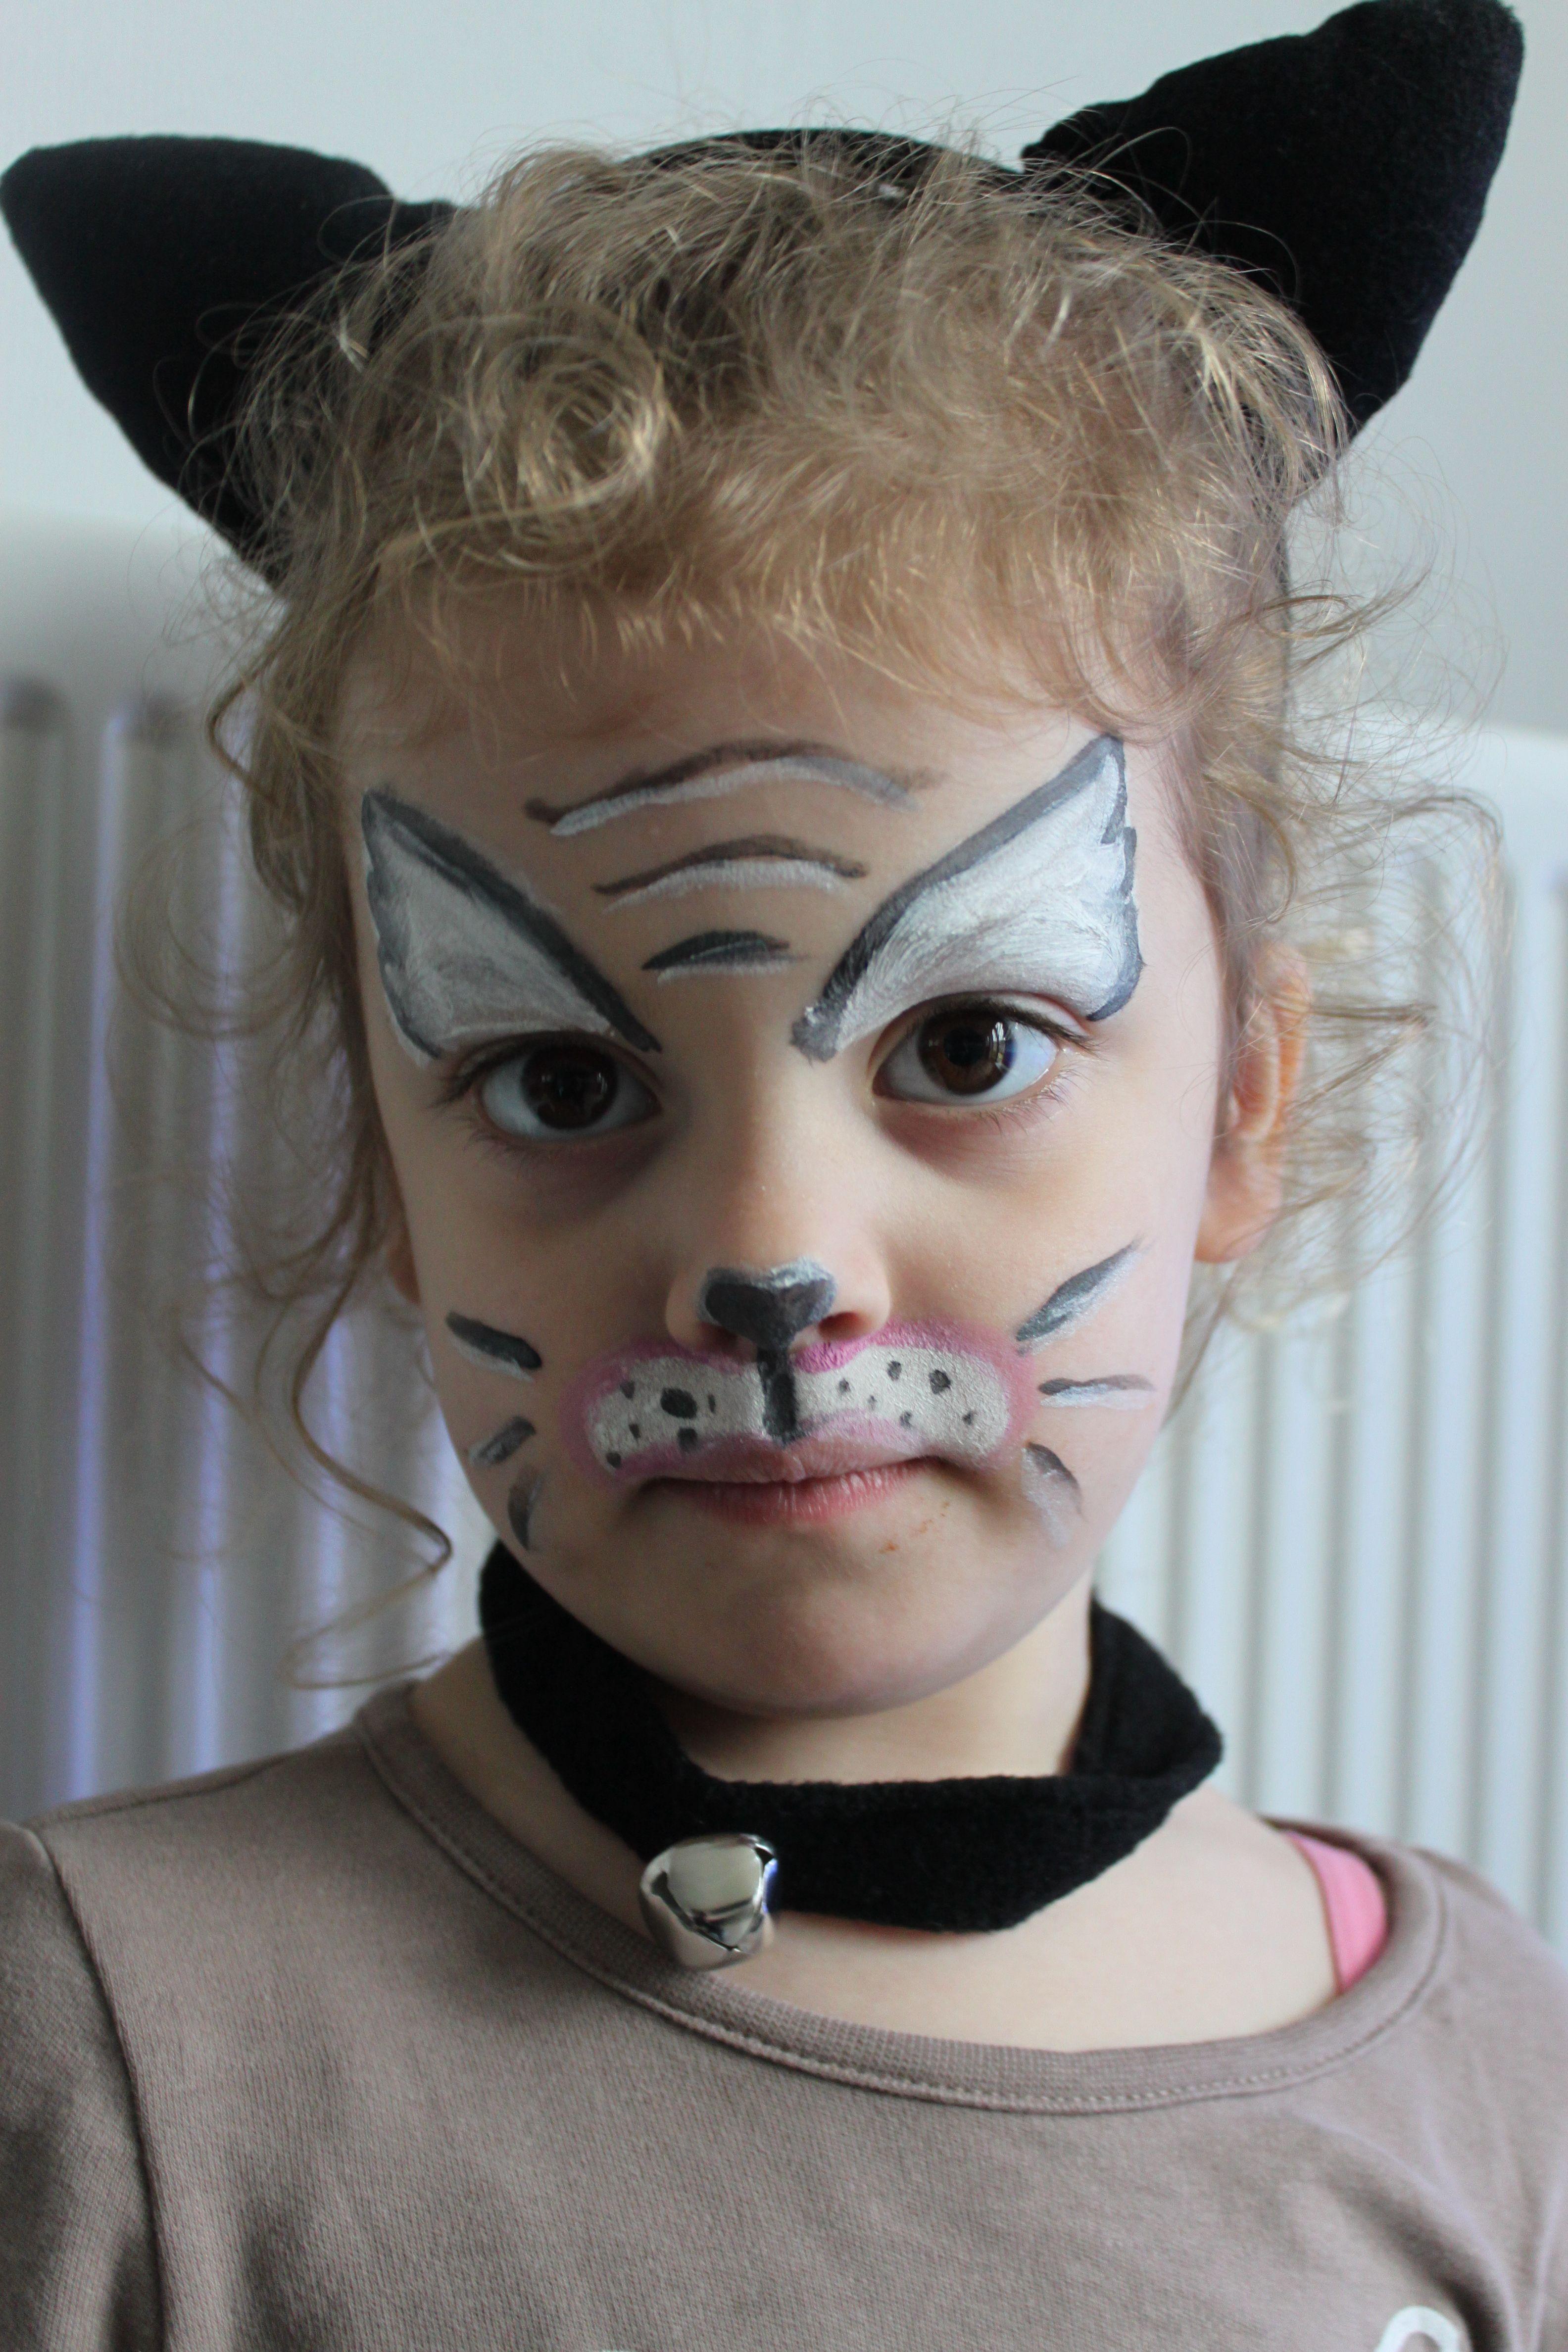 schmink poes | schminkvoorbeelden | halloween face makeup, face